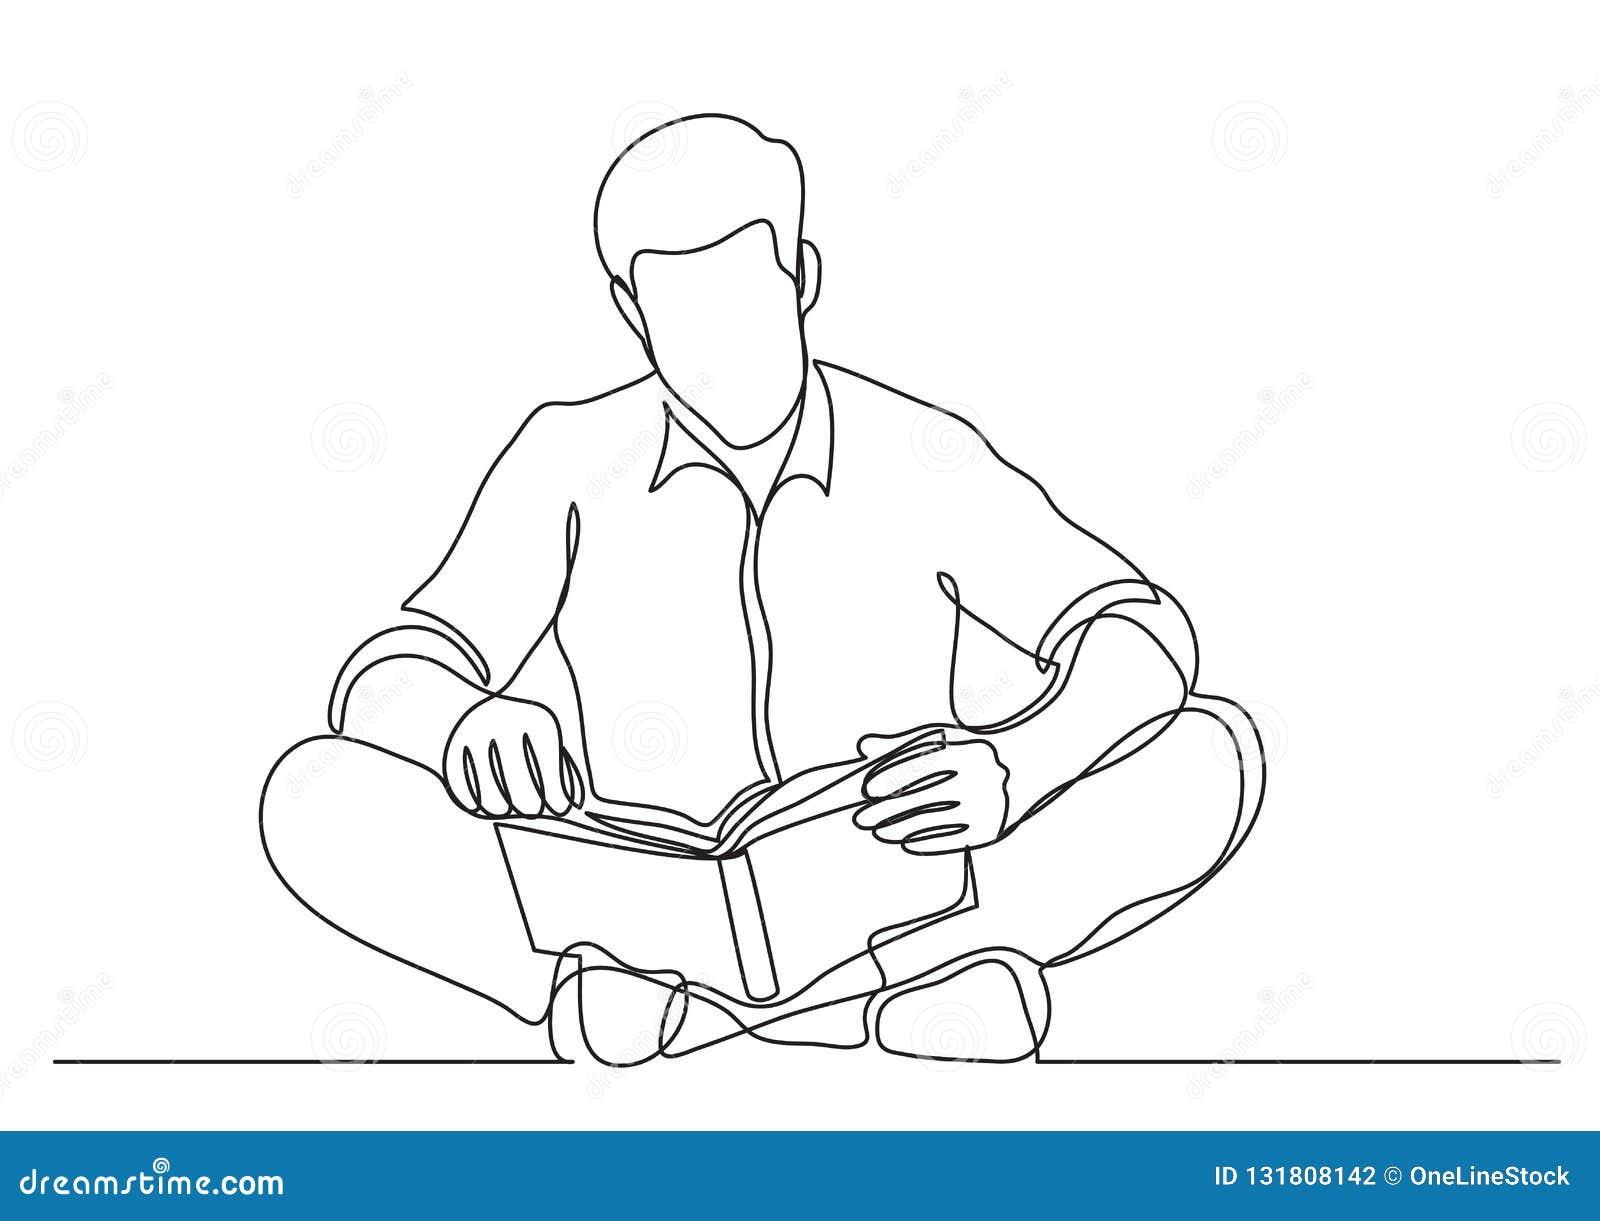 Непрерывная линия чертеж человека сидя на книге чтения пола